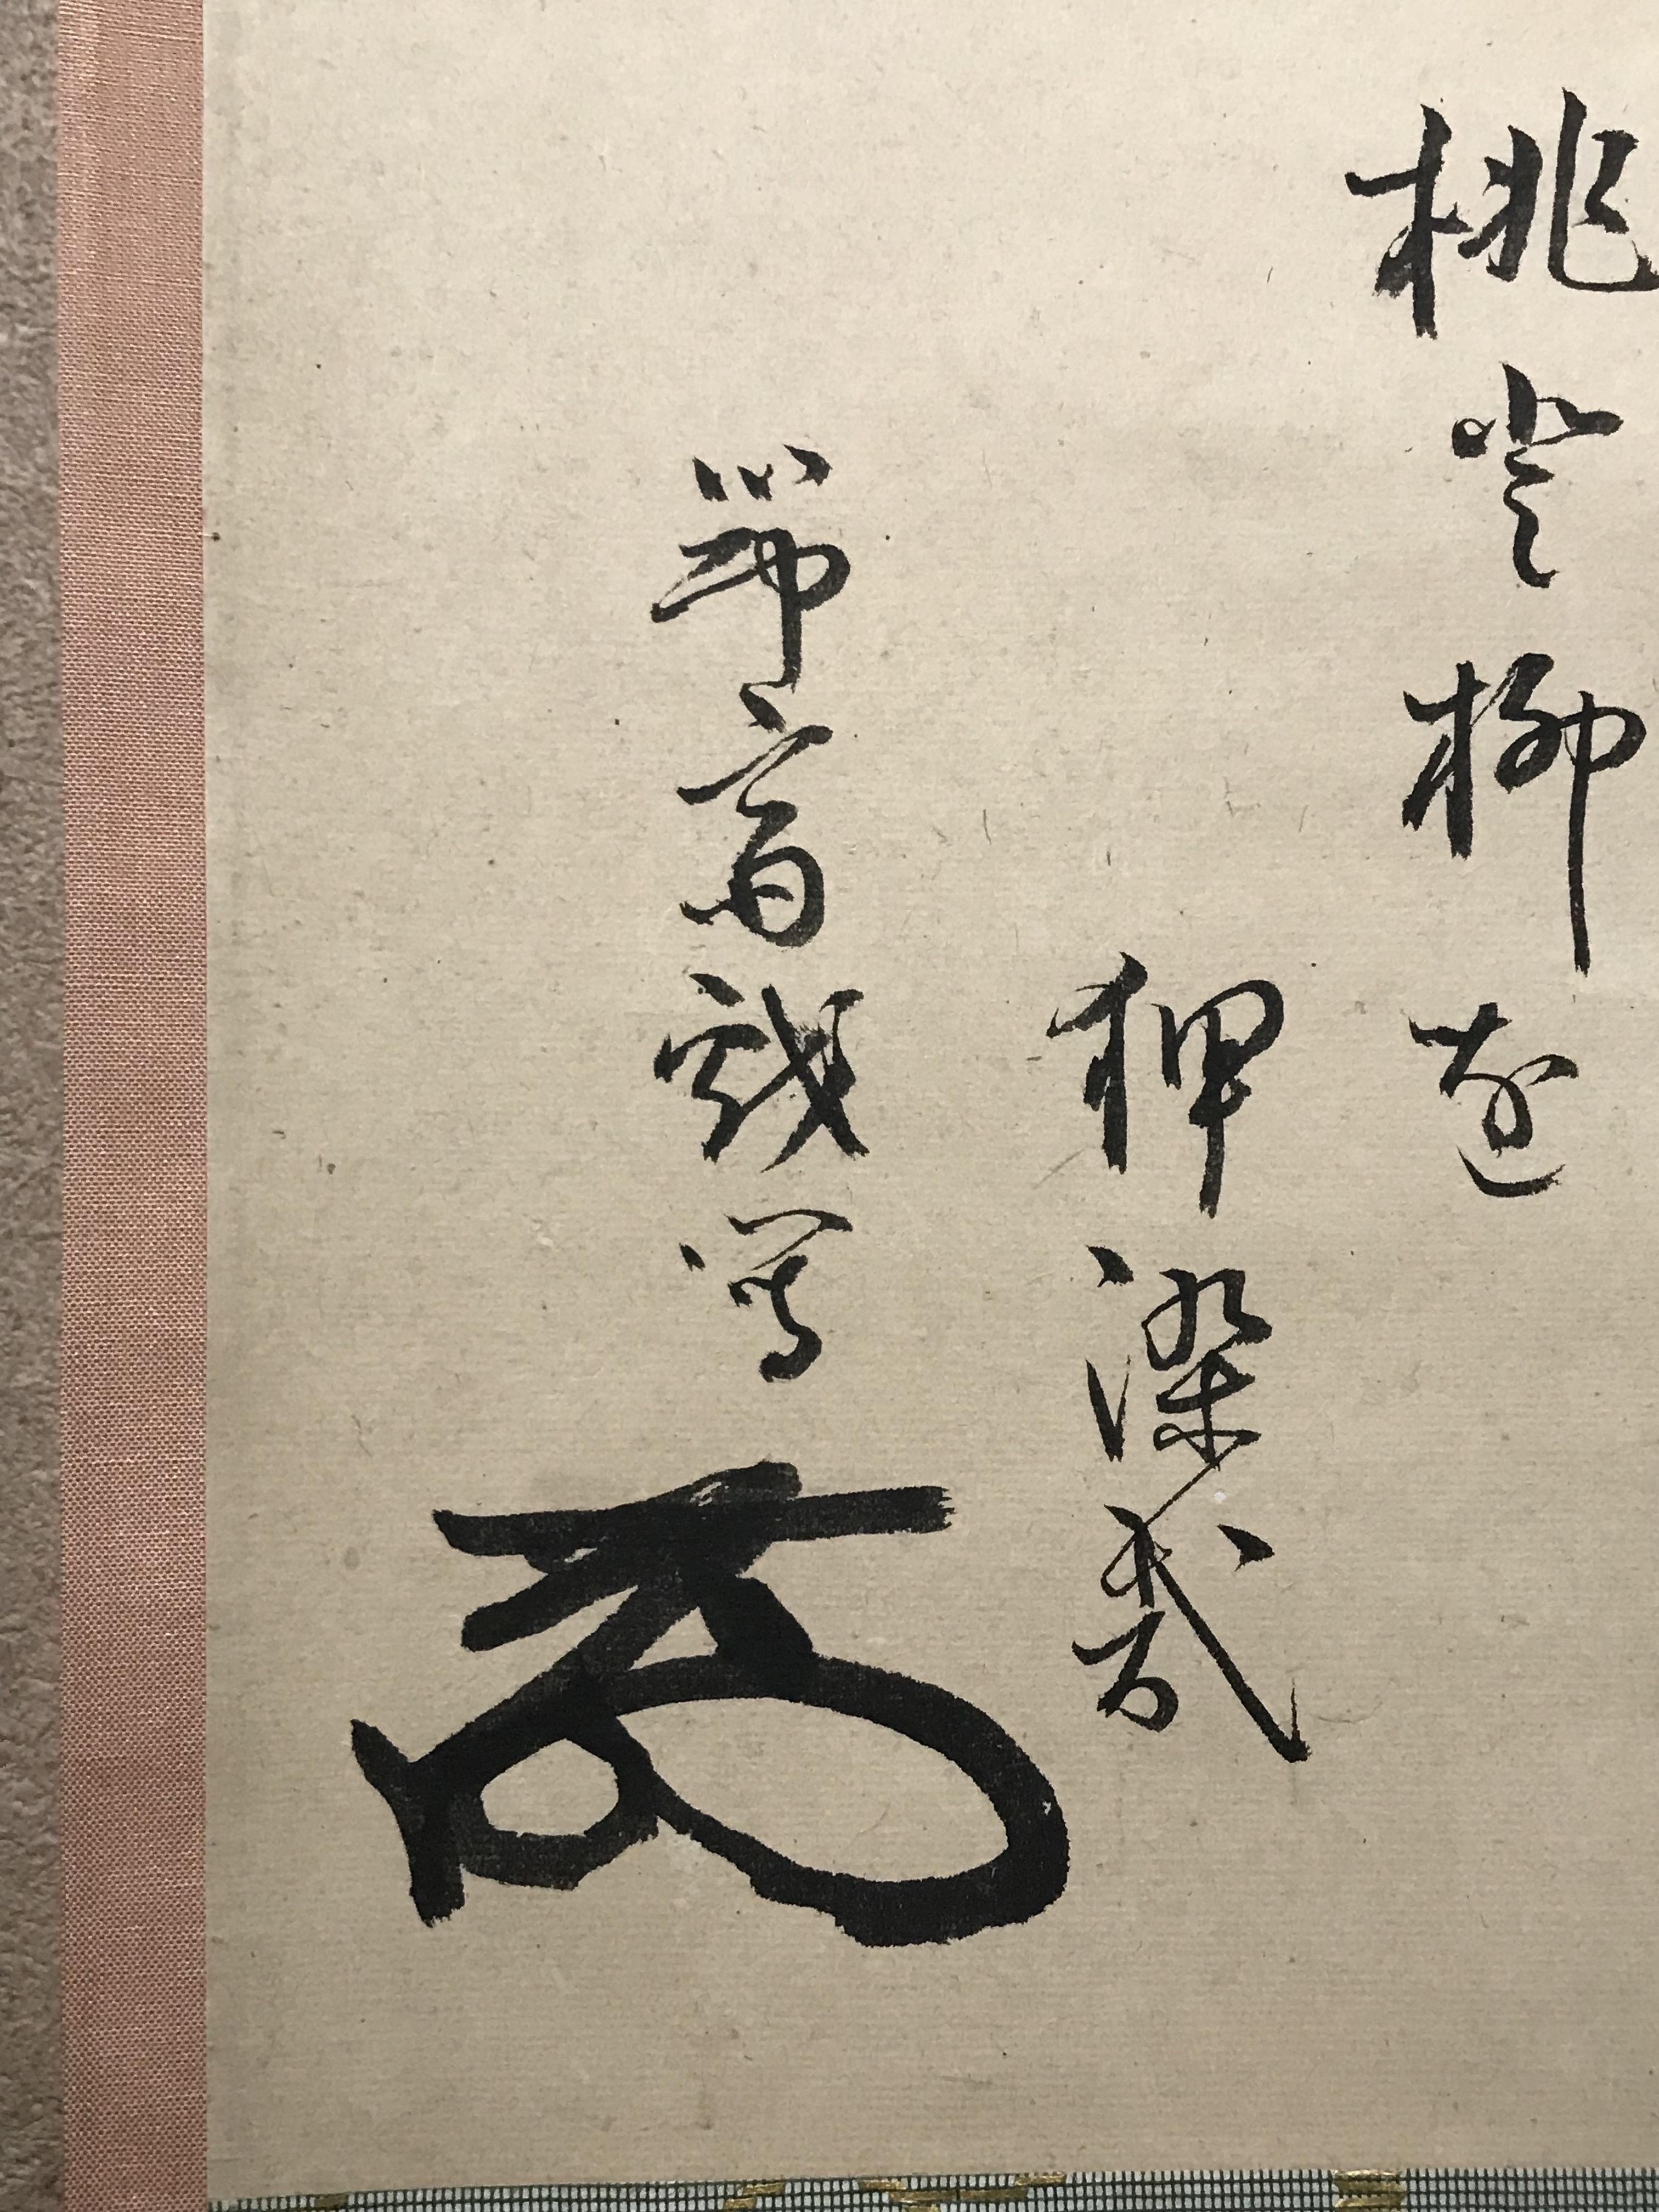 落款印章:節斎戯寫(花押)